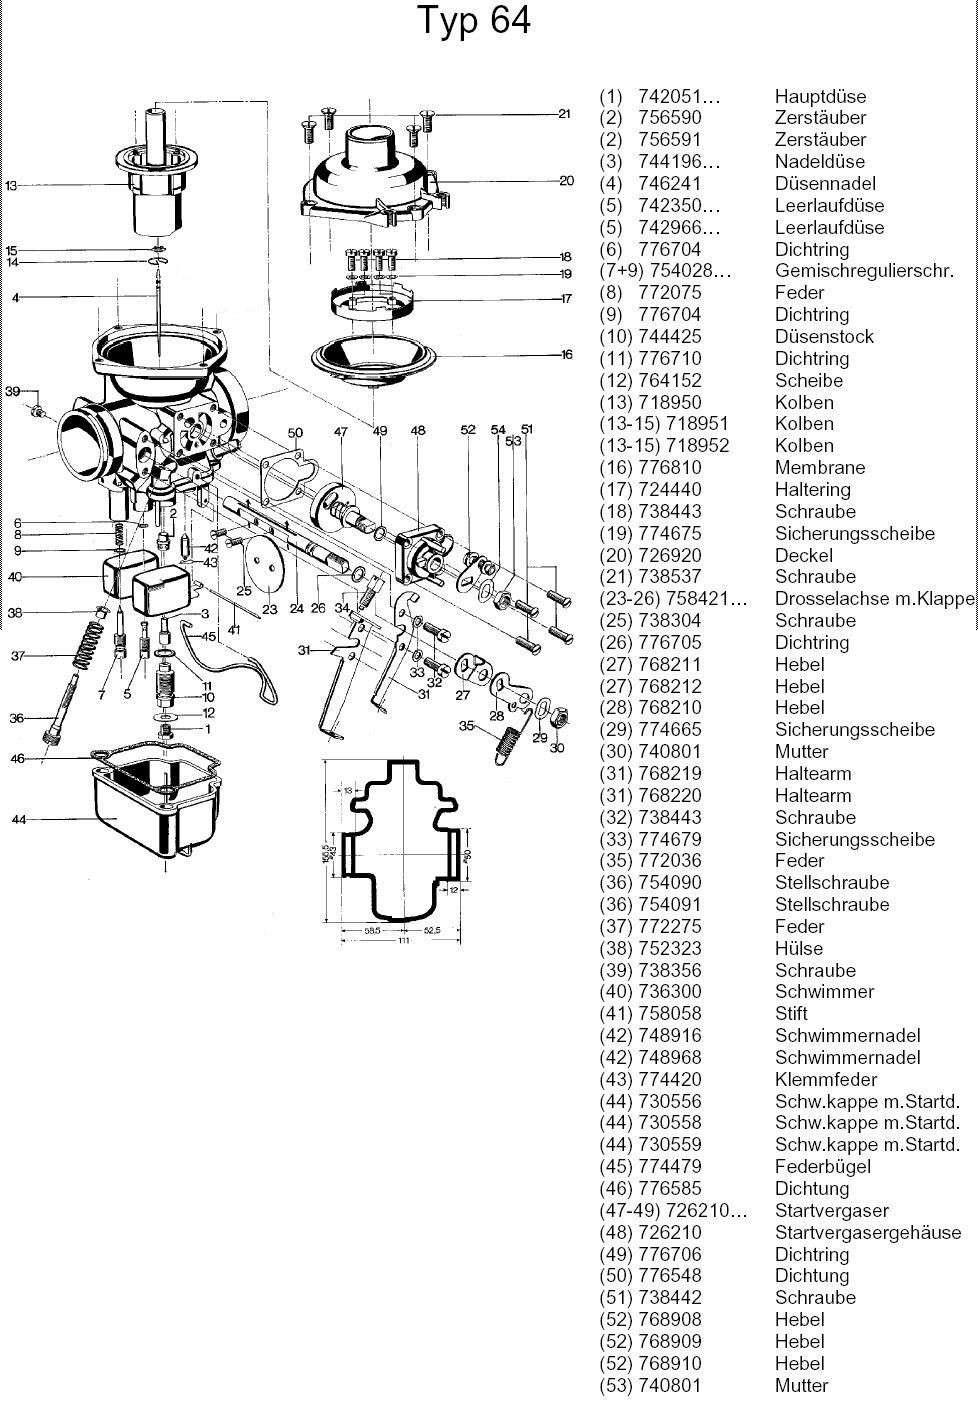 [R100 '83] Dimension des joints torique de carbus Typ6410